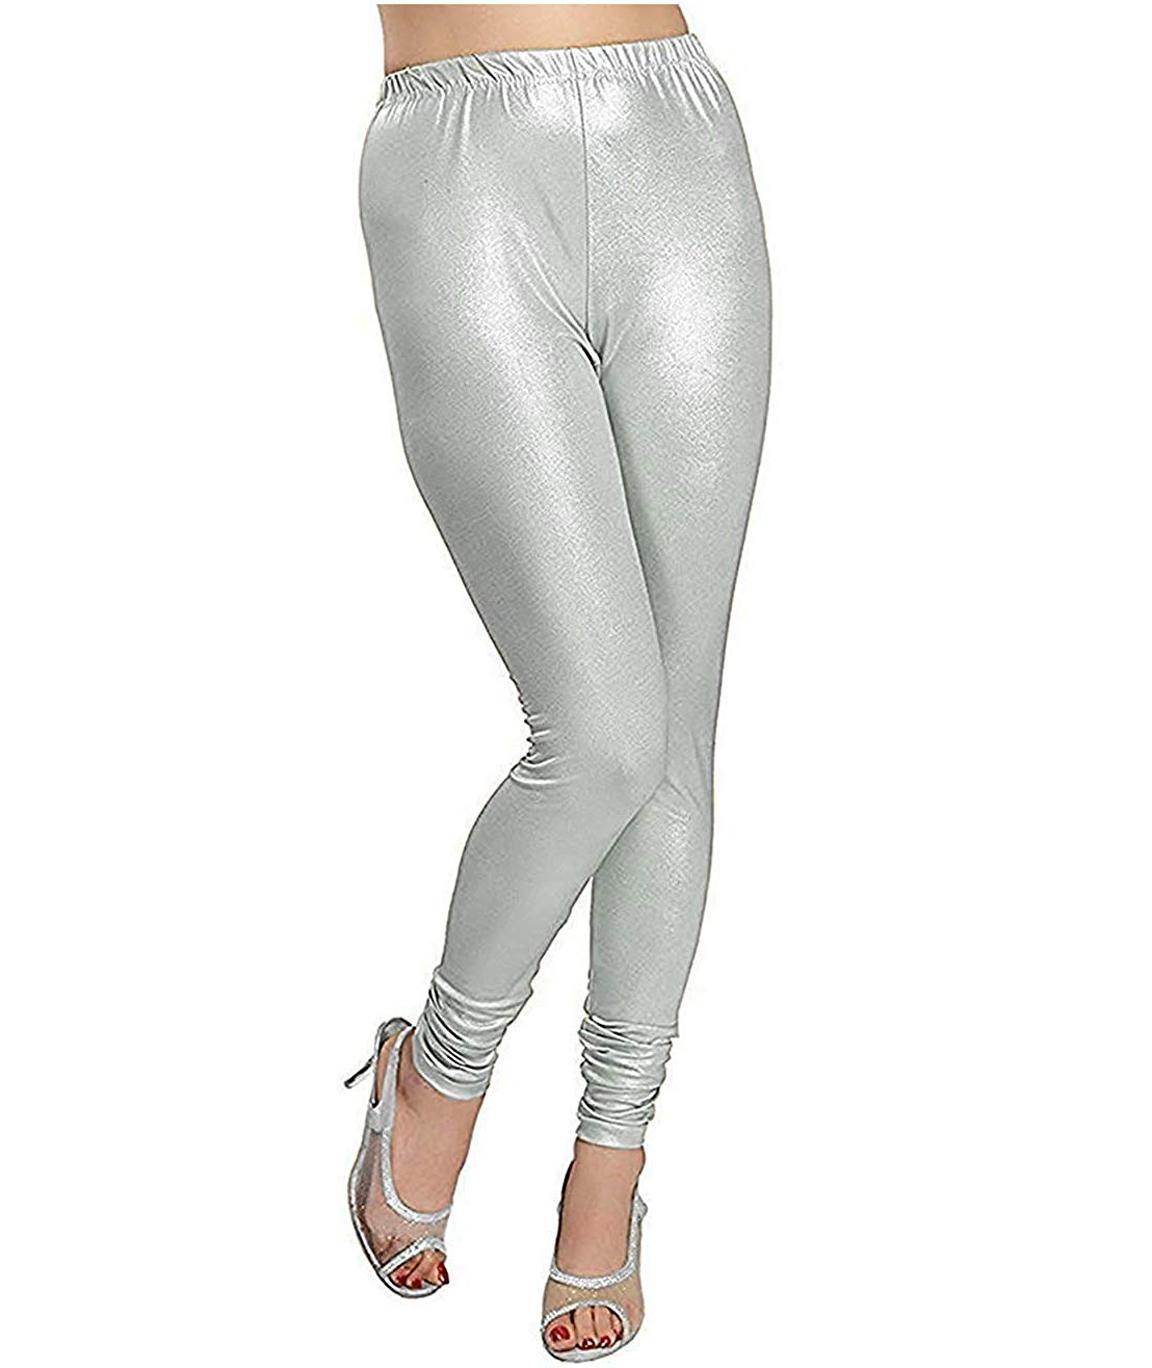 Swag Womens Silver shimmer leggings